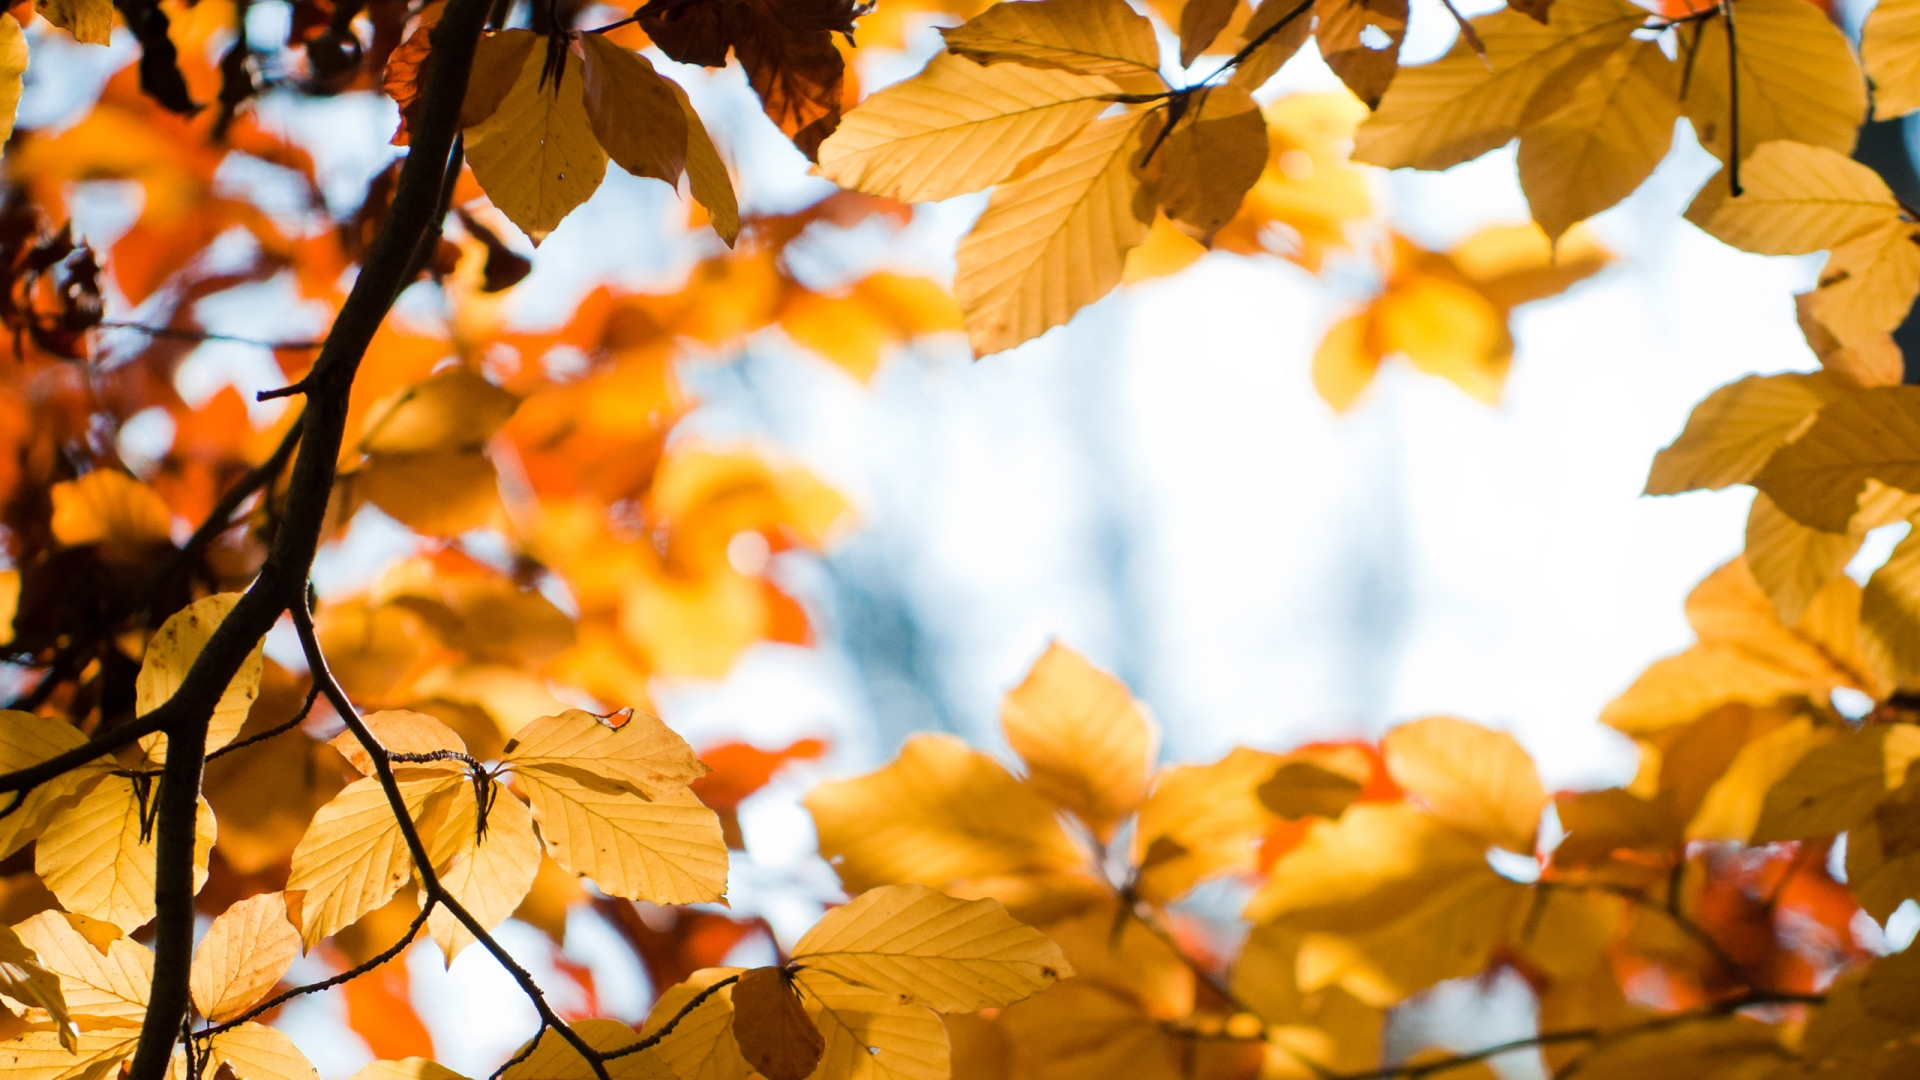 Золотая осень картинки на рабочий стол высшего качества017